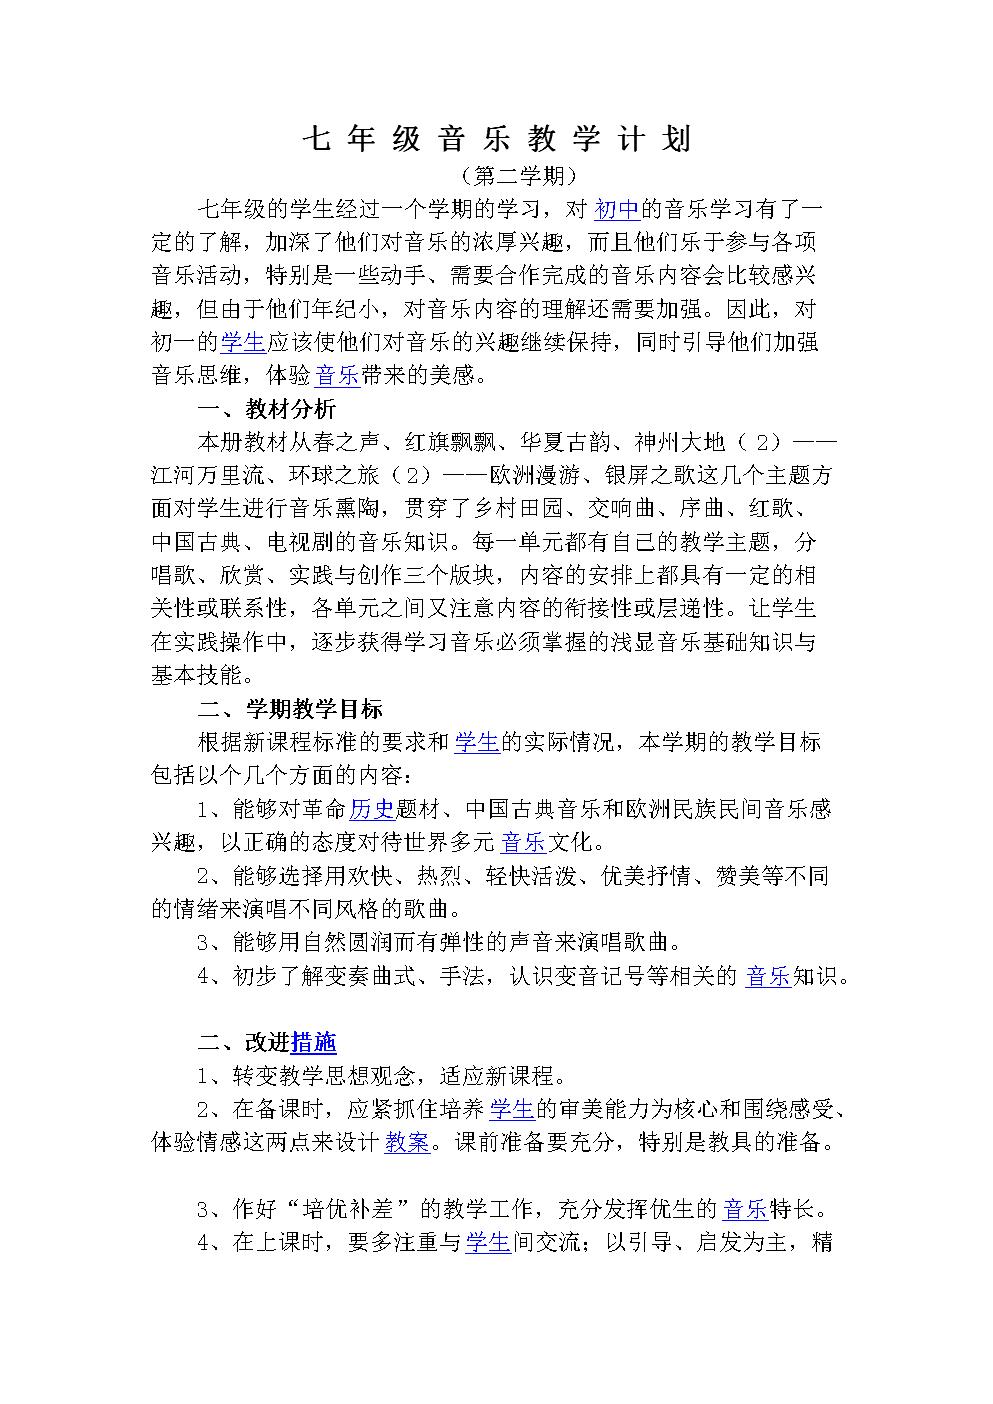 人教版音乐七年级下册教学计划1.doc